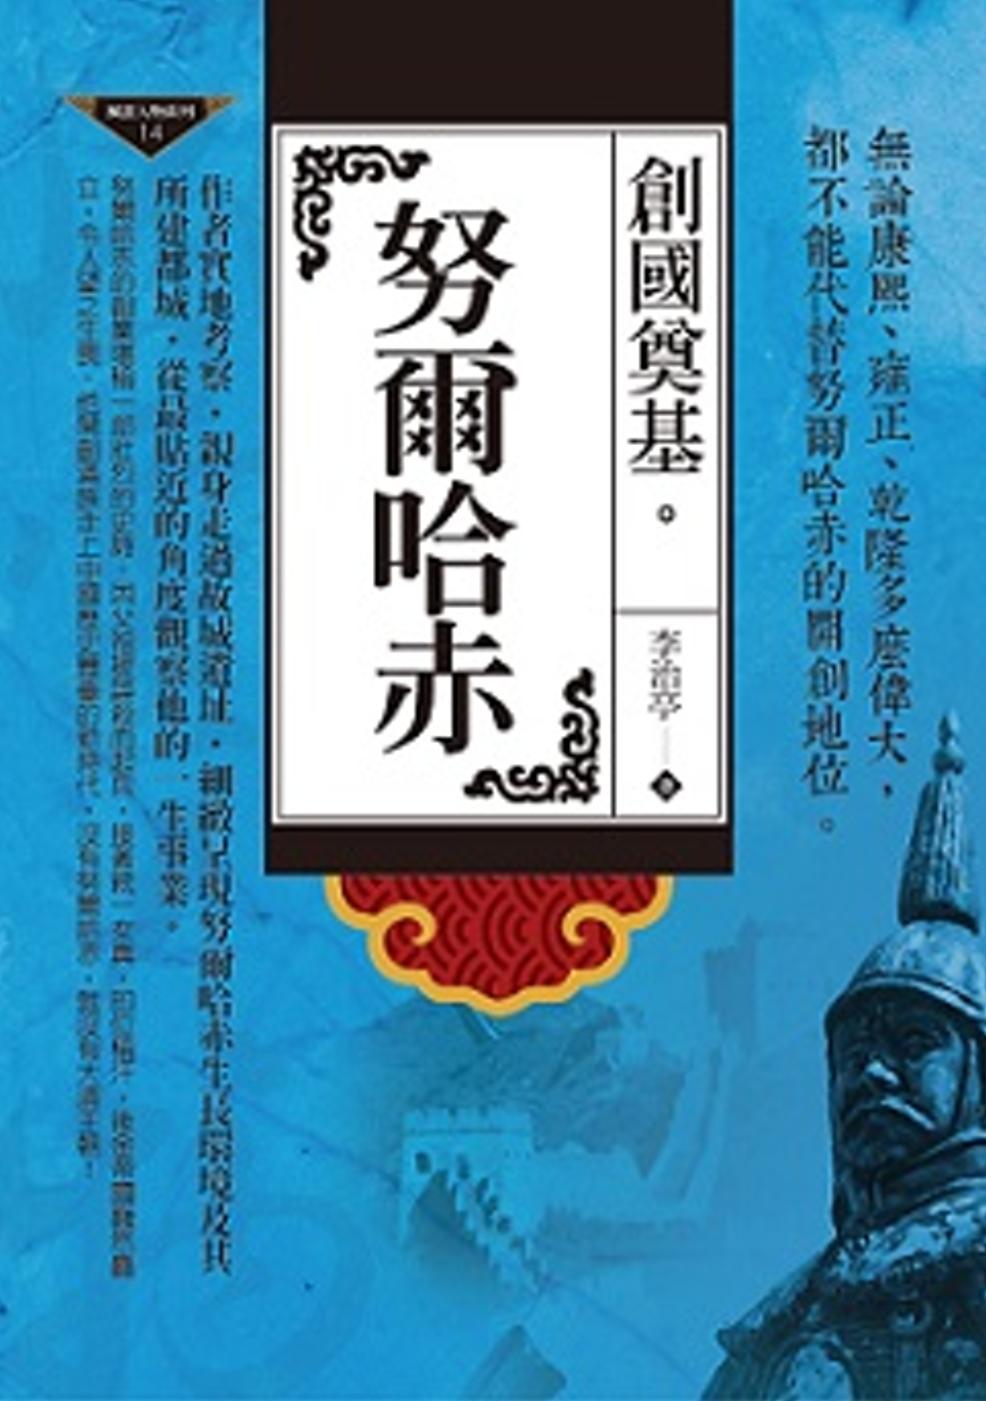 《努爾哈赤:創國奠基》 商品條碼,ISBN:9789869382182